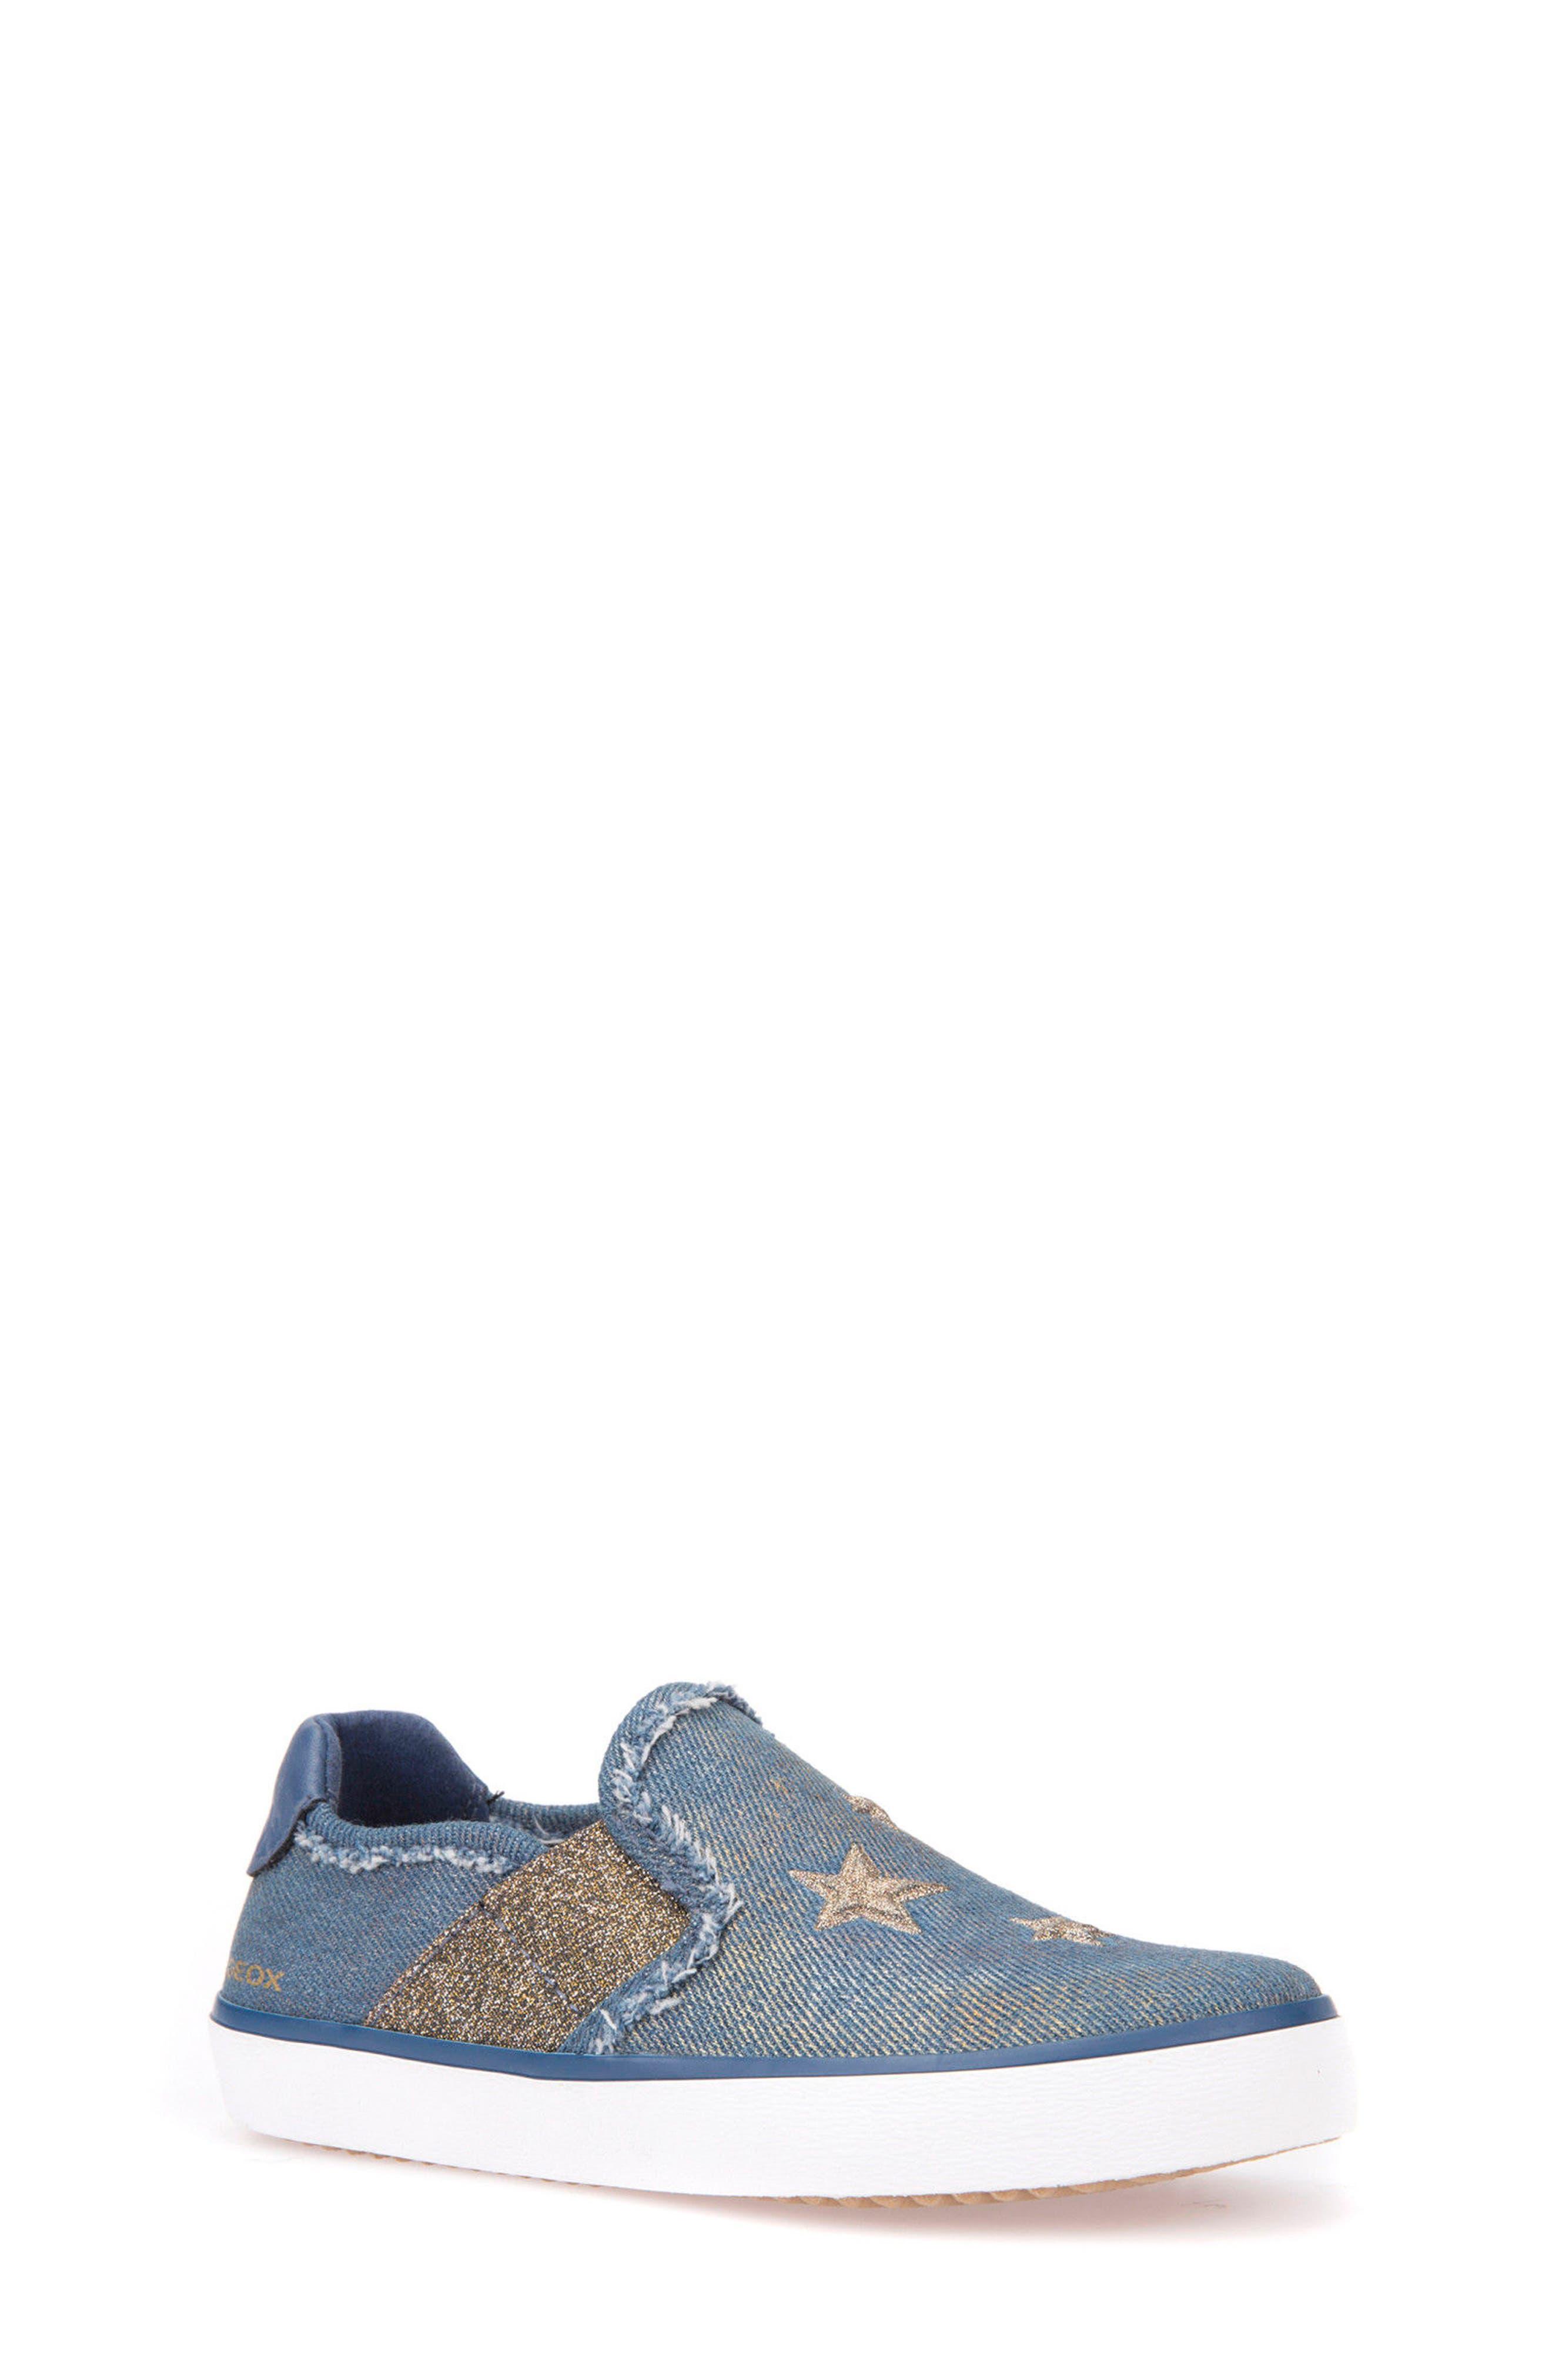 Kilwi Slip-On Sneaker,                         Main,                         color, AVIO